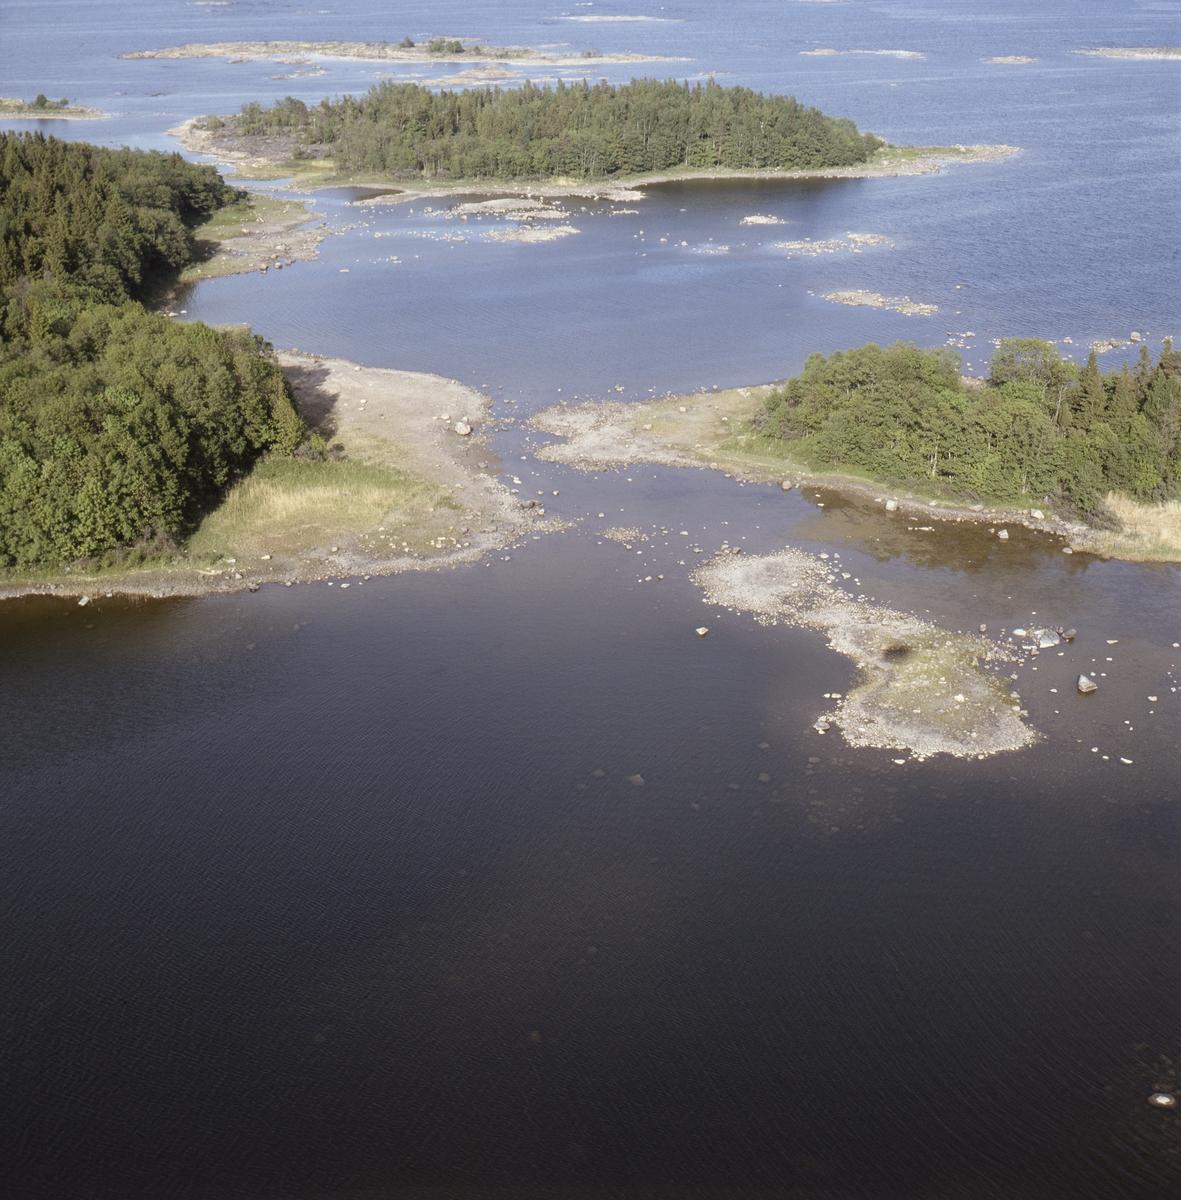 Vy över Örnstenen i Hållnäskustens naturreservat, Hållnäs socken, Uppland, juni 1989